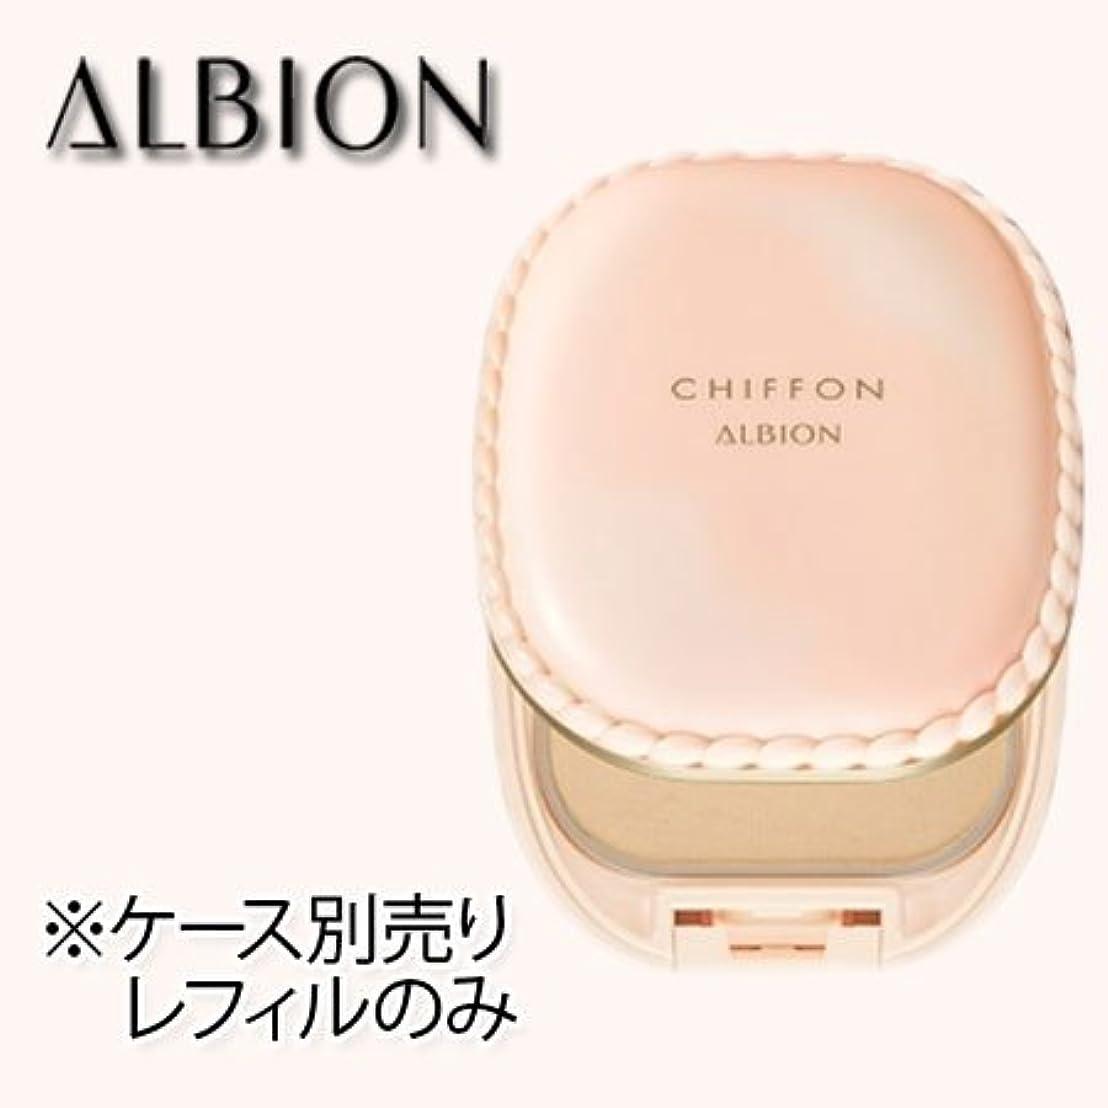 冷蔵するきょうだい余計なアルビオン スウィート モイスチュア シフォン (レフィル) 10g 6色 SPF22 PA++-ALBION- 040